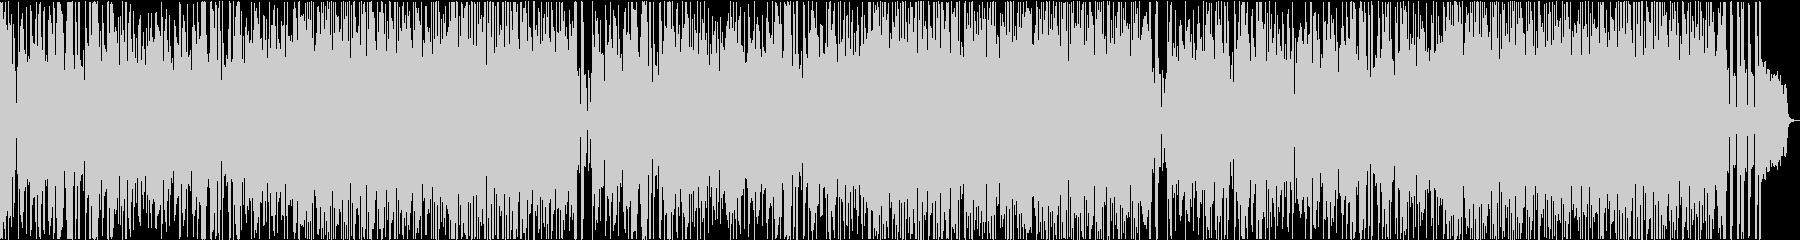 軽いノリのポップスBGMの未再生の波形